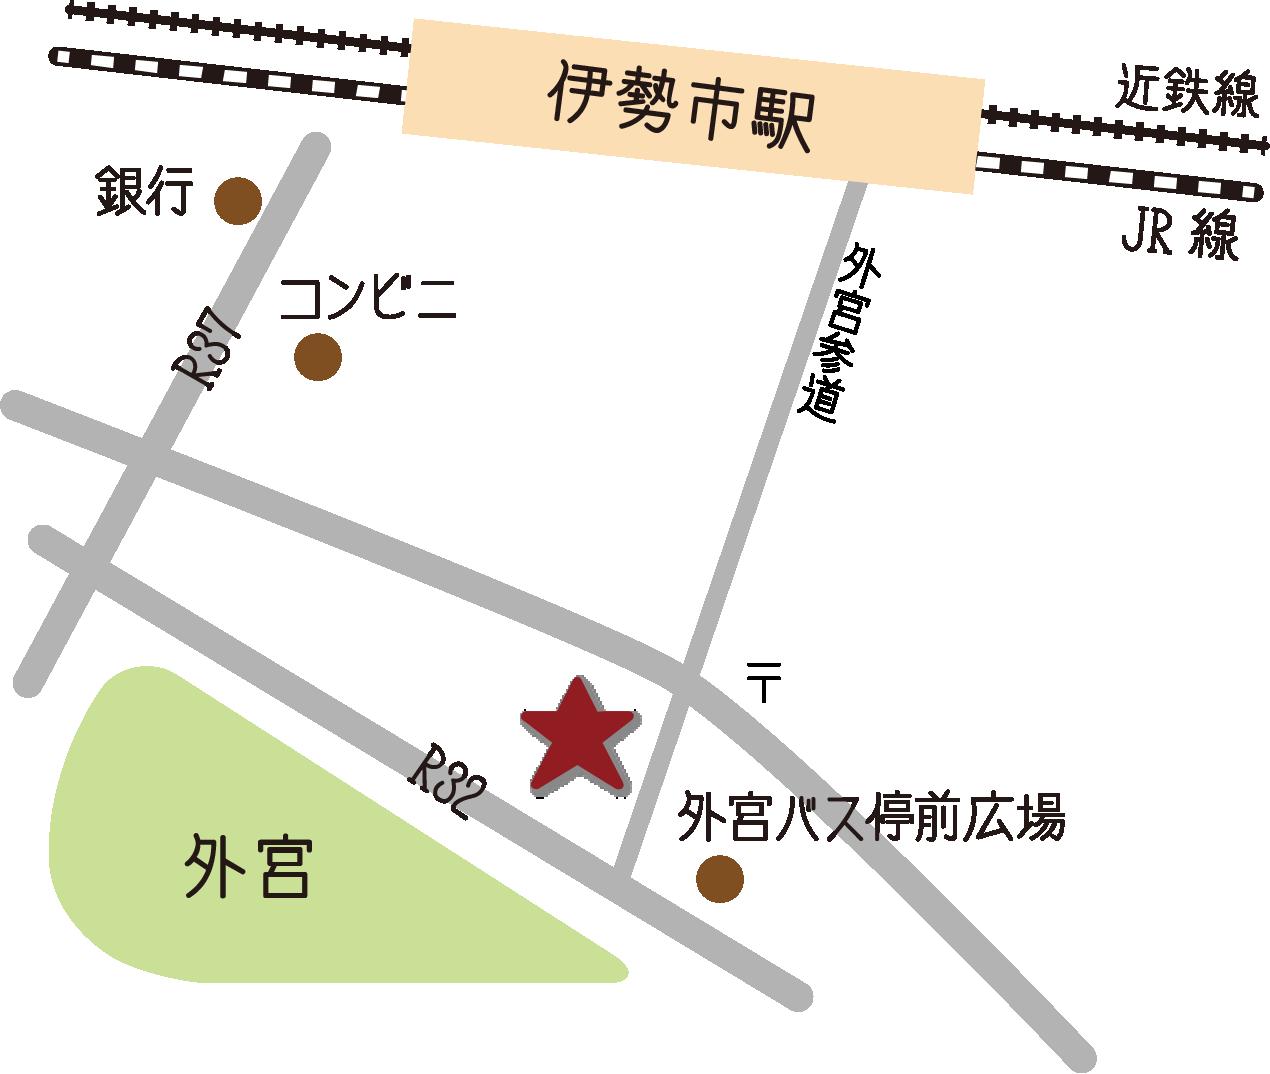 Karte rund um das Touristeninformationszentrum von Geku-mae